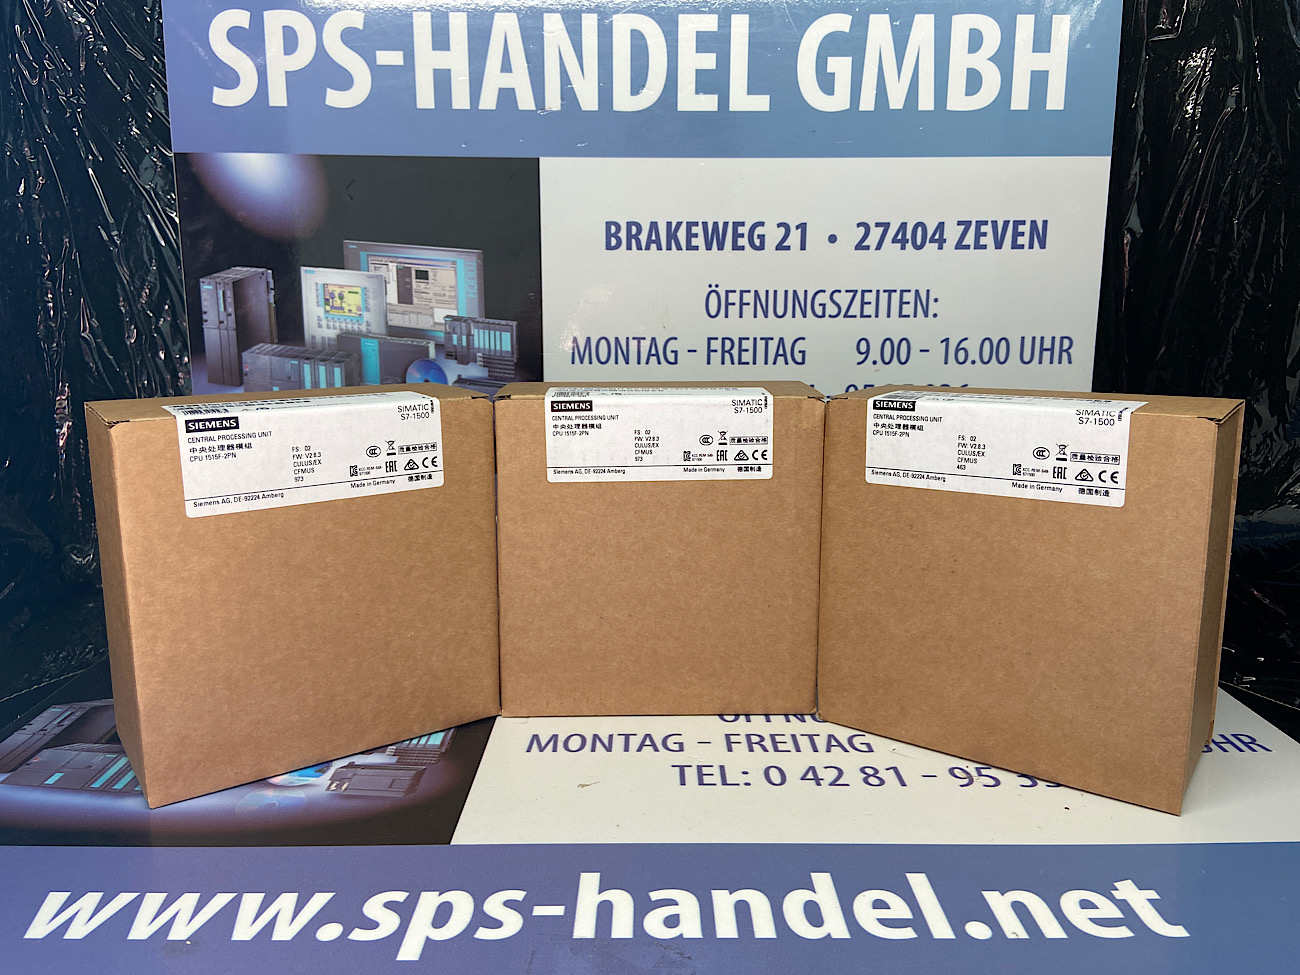 6ES7515-2FM02-0AB0 | S7-1500F | CPU1515F-2PN | NEU Siegel 26%